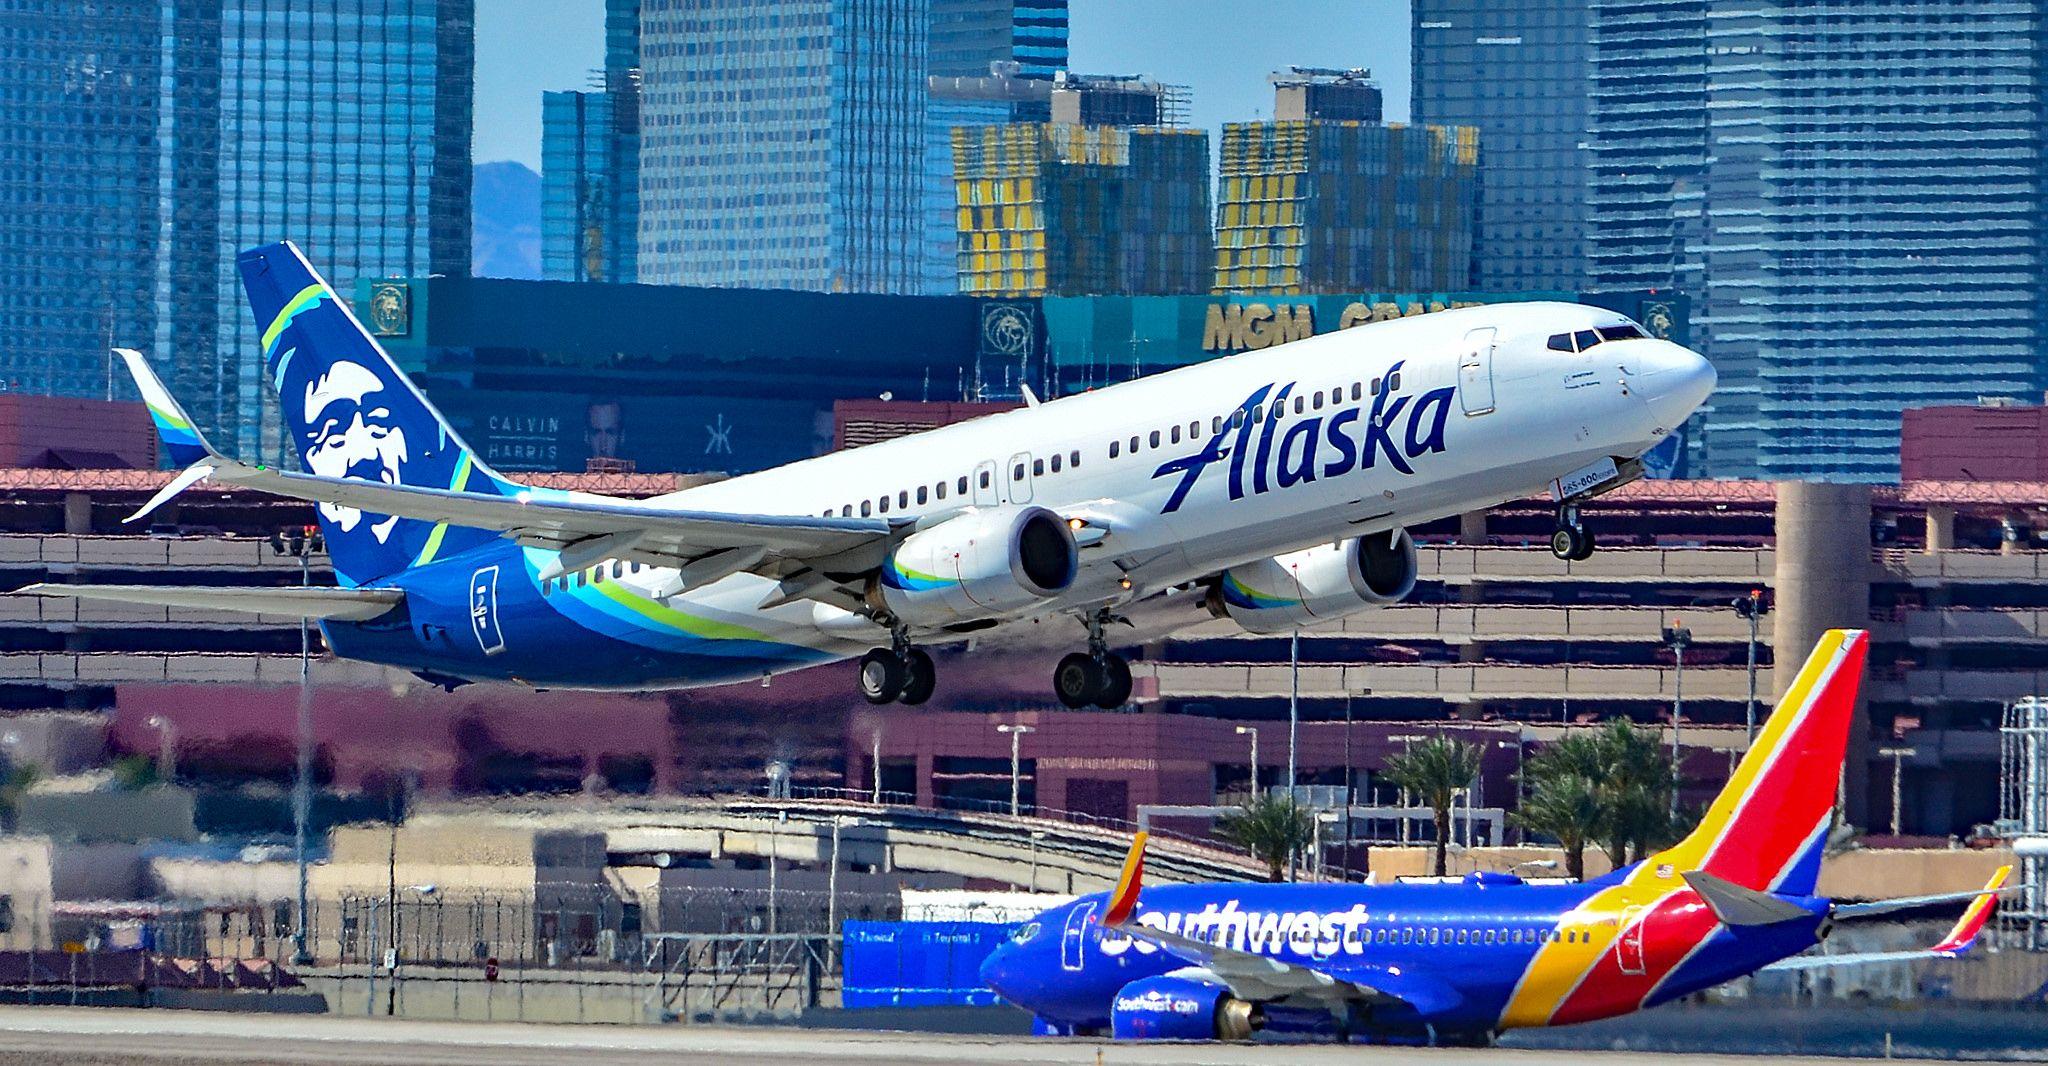 N565AS Alaska Airlines 2006 Boeing 737890 cn 35181